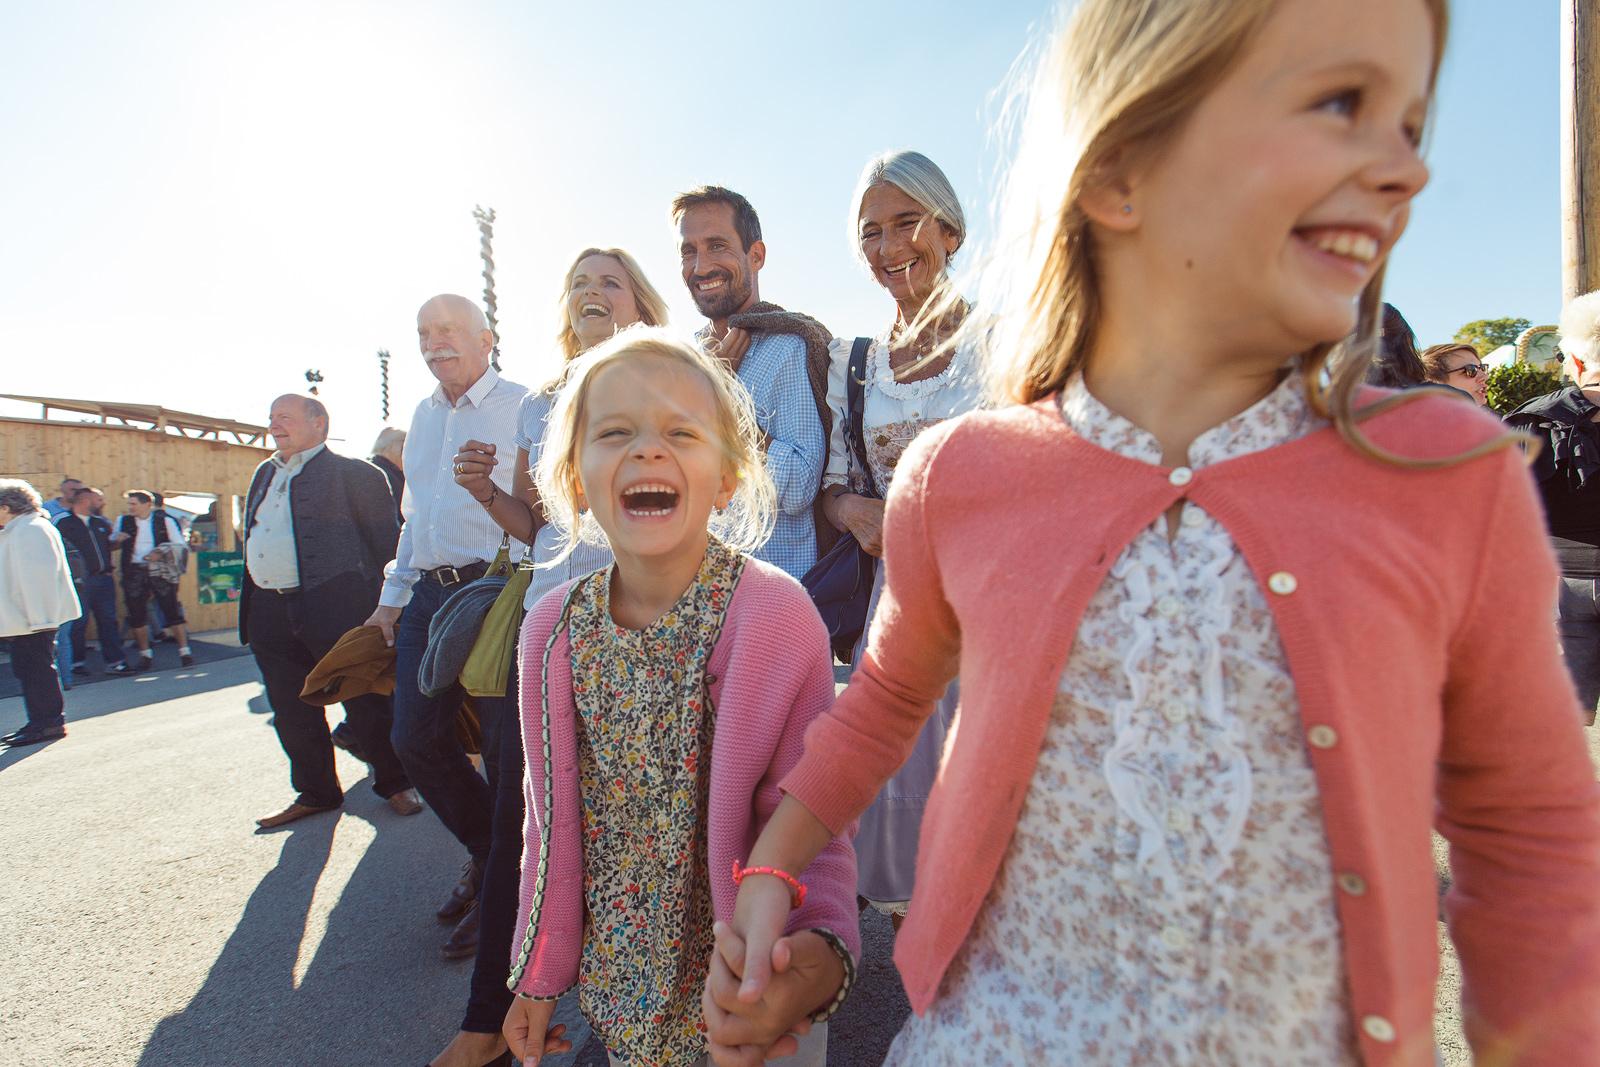 Familie und Kinder beim Ausflug am Volksfest